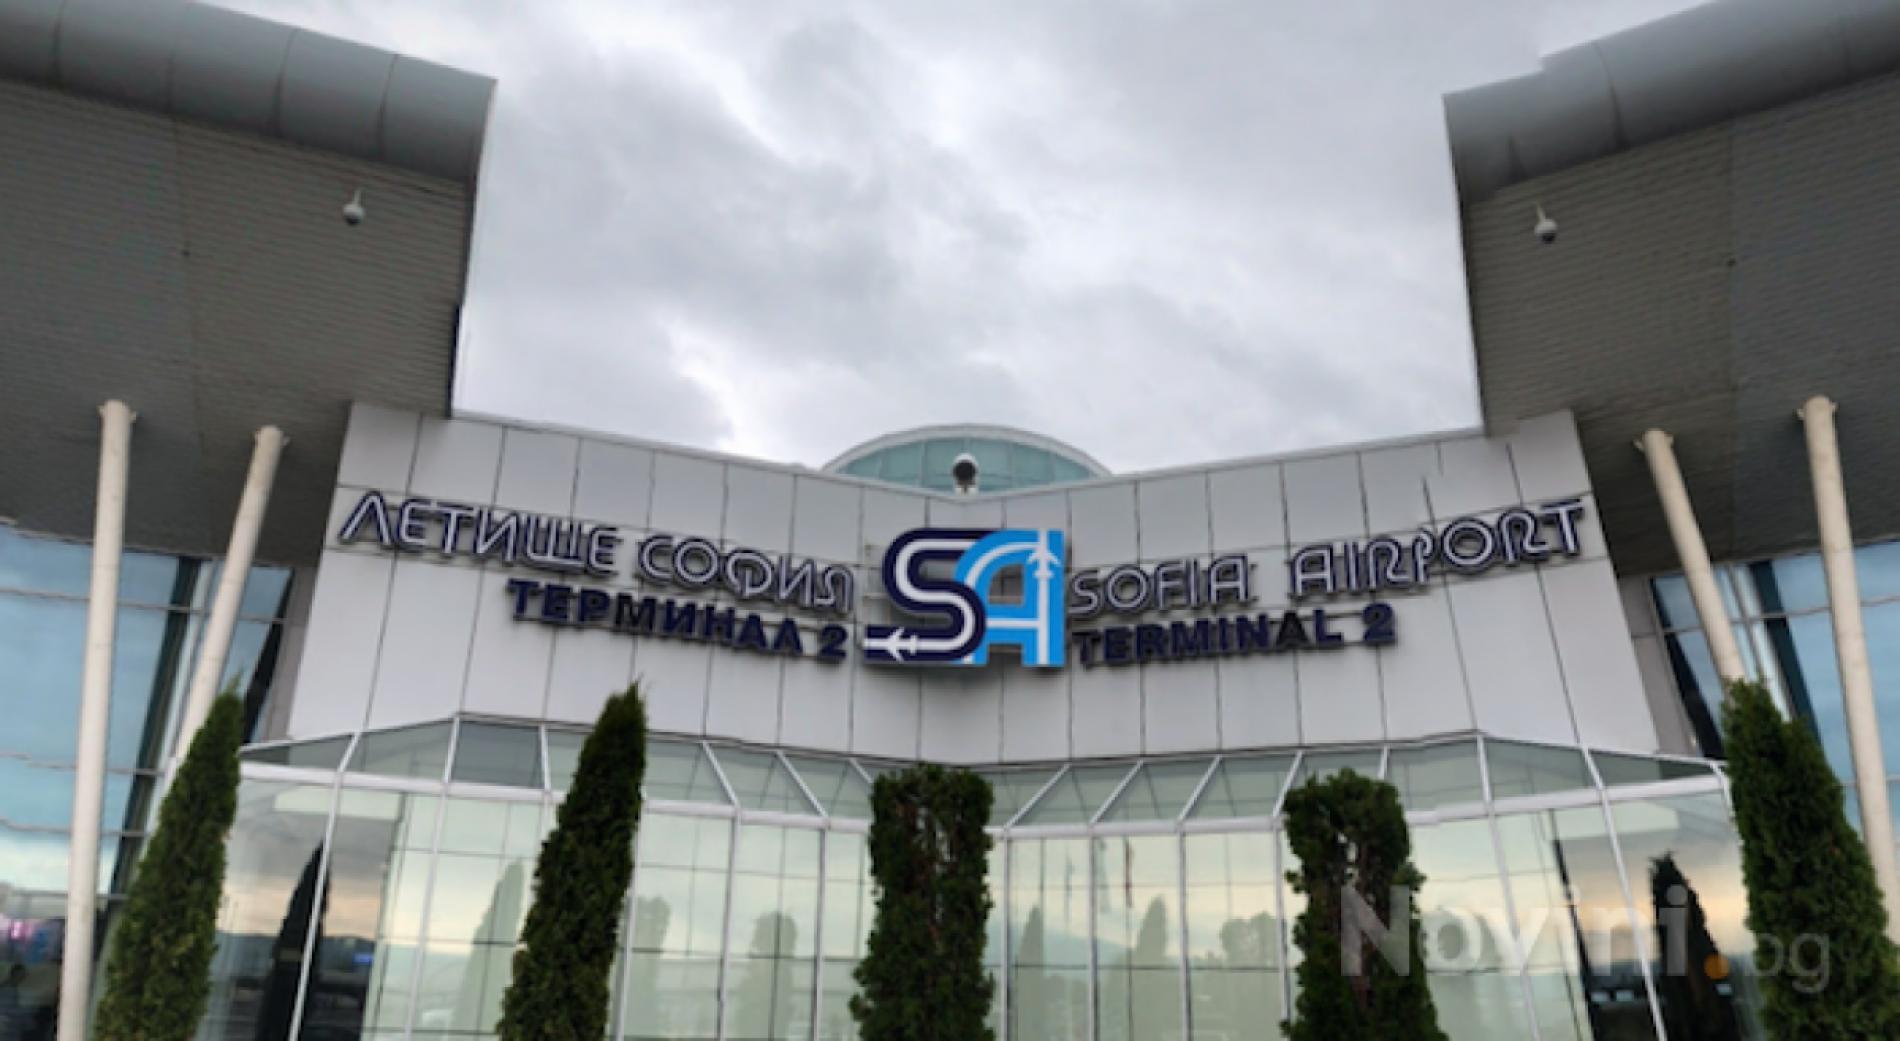 Сотни пассажиров были заблокированы в аэропорту Софии